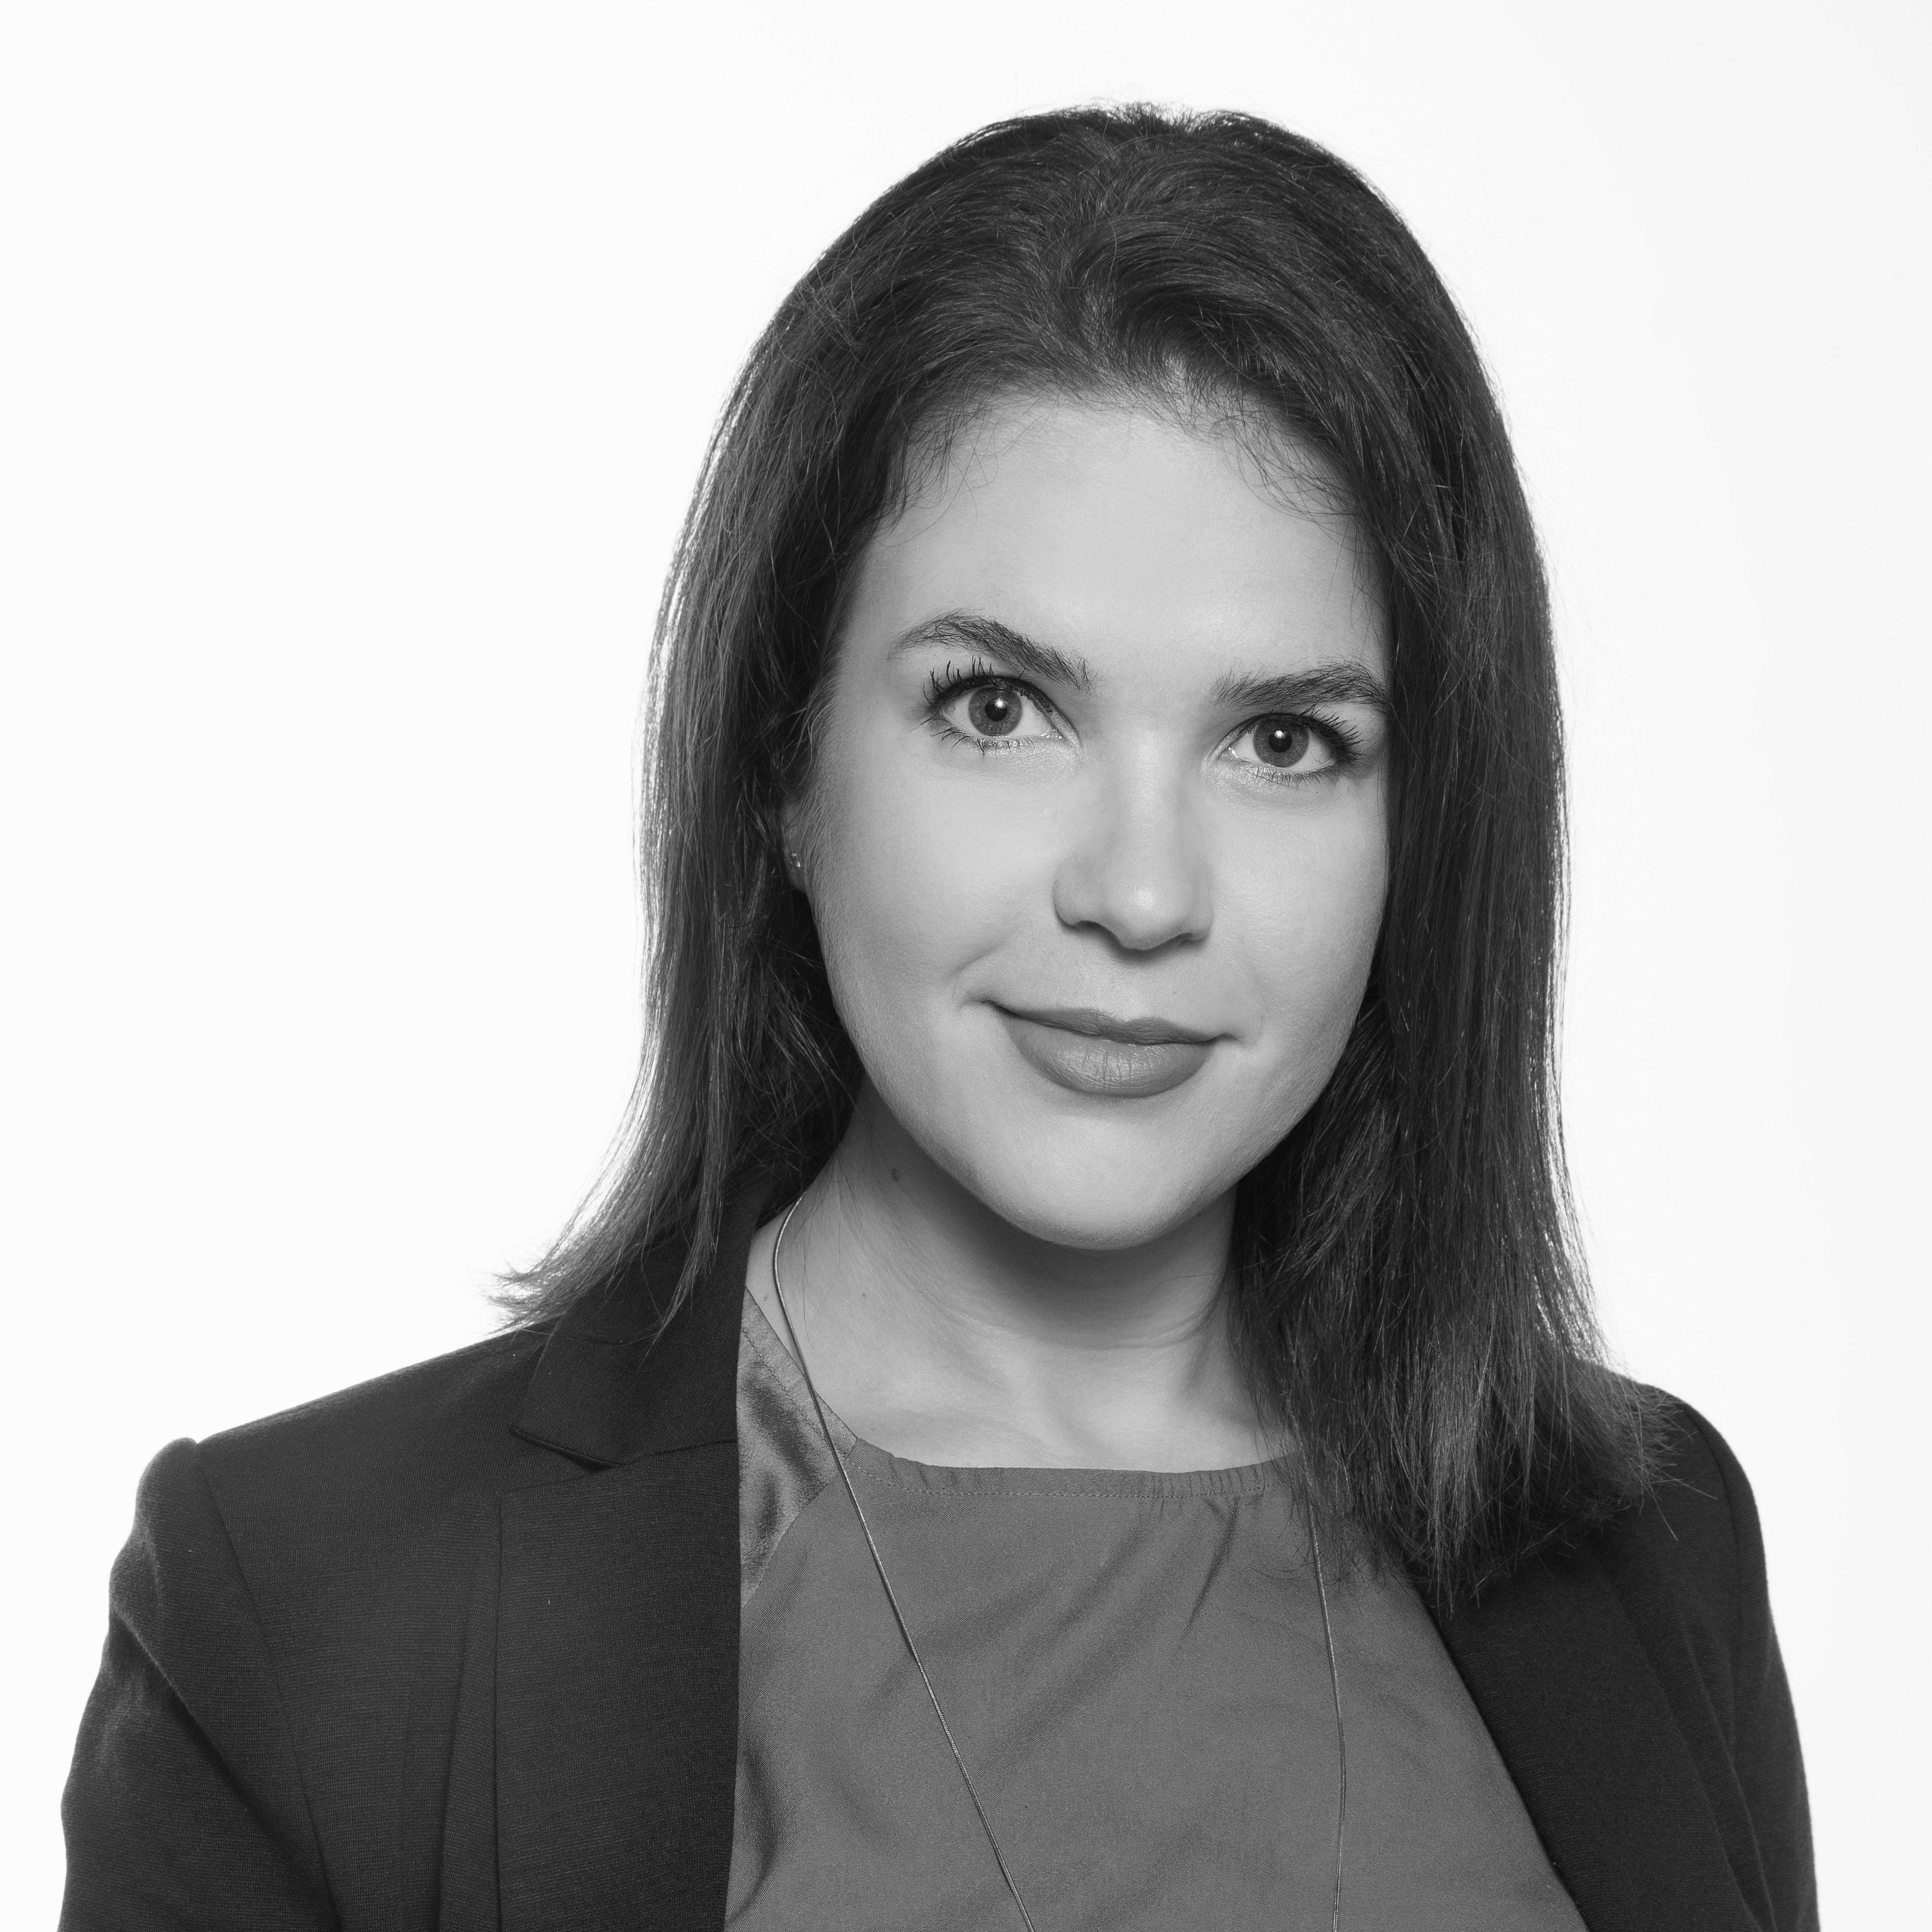 Foto de perfil Fabiene Brites. Na foto se vê uma mulher com olhar confiante e leve sorriso.